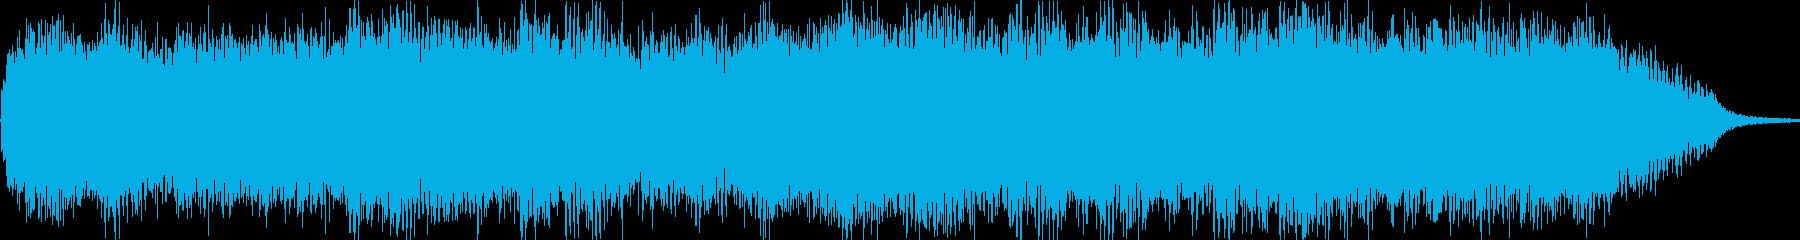 空間に存在する音の残響の再生済みの波形